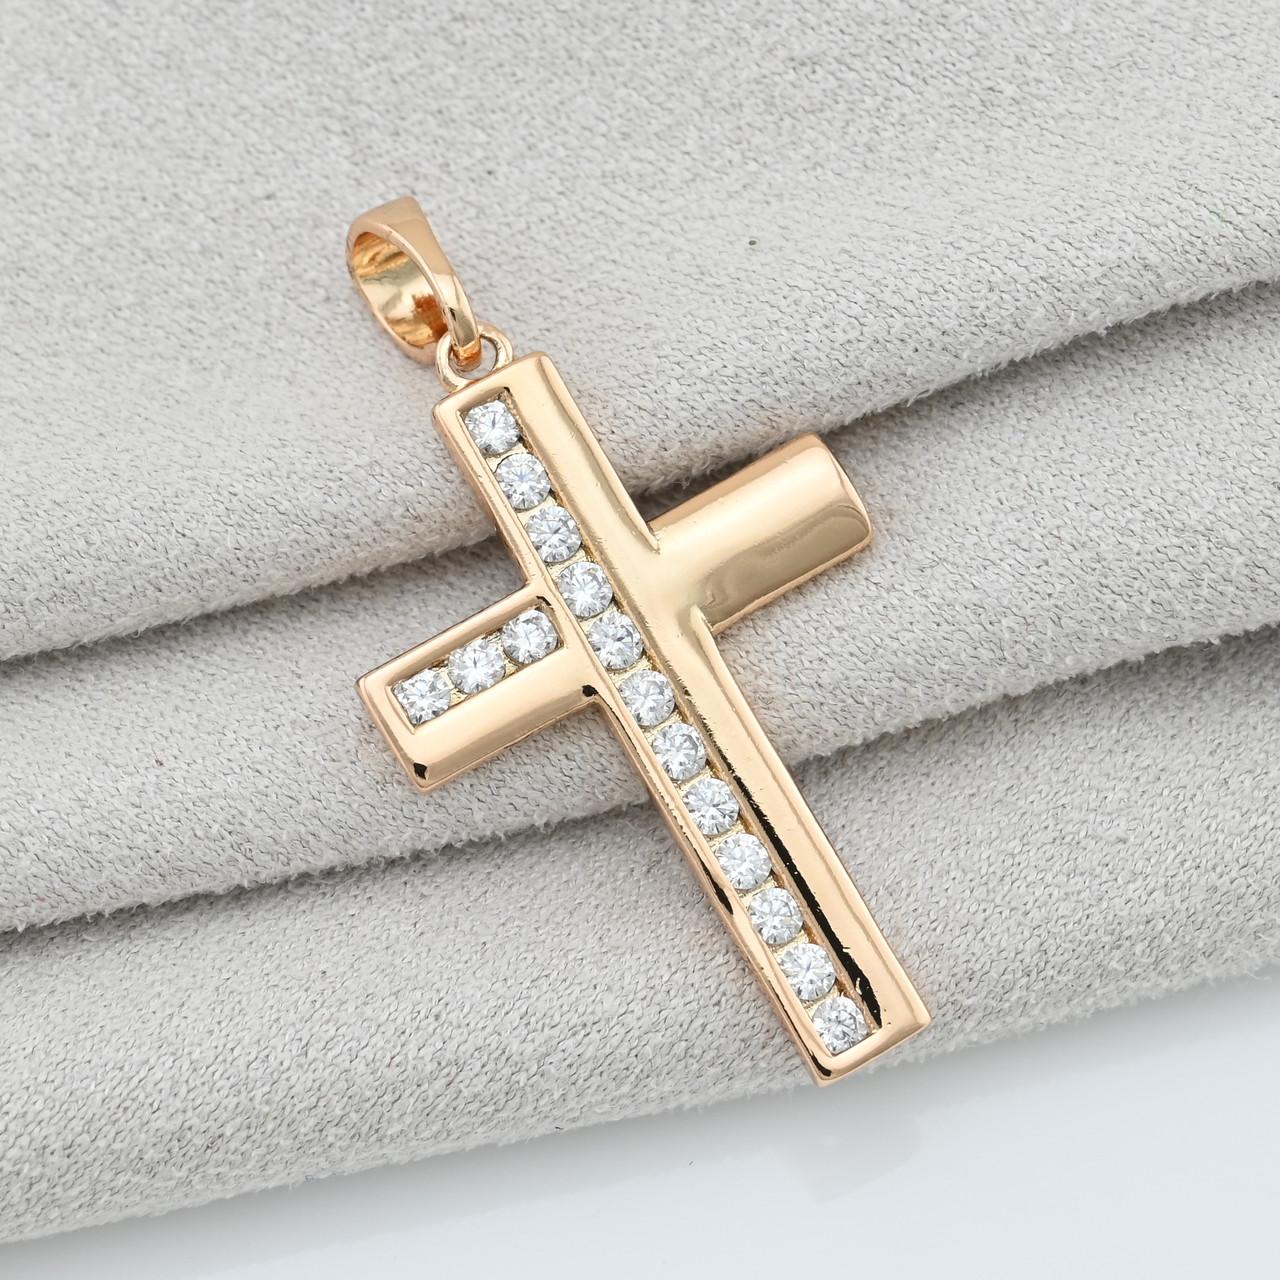 Крестик Xuping для цепочки до 3 мм 71327К размер 32х16 мм вес 1.7 г белые фианиты позолота 18К